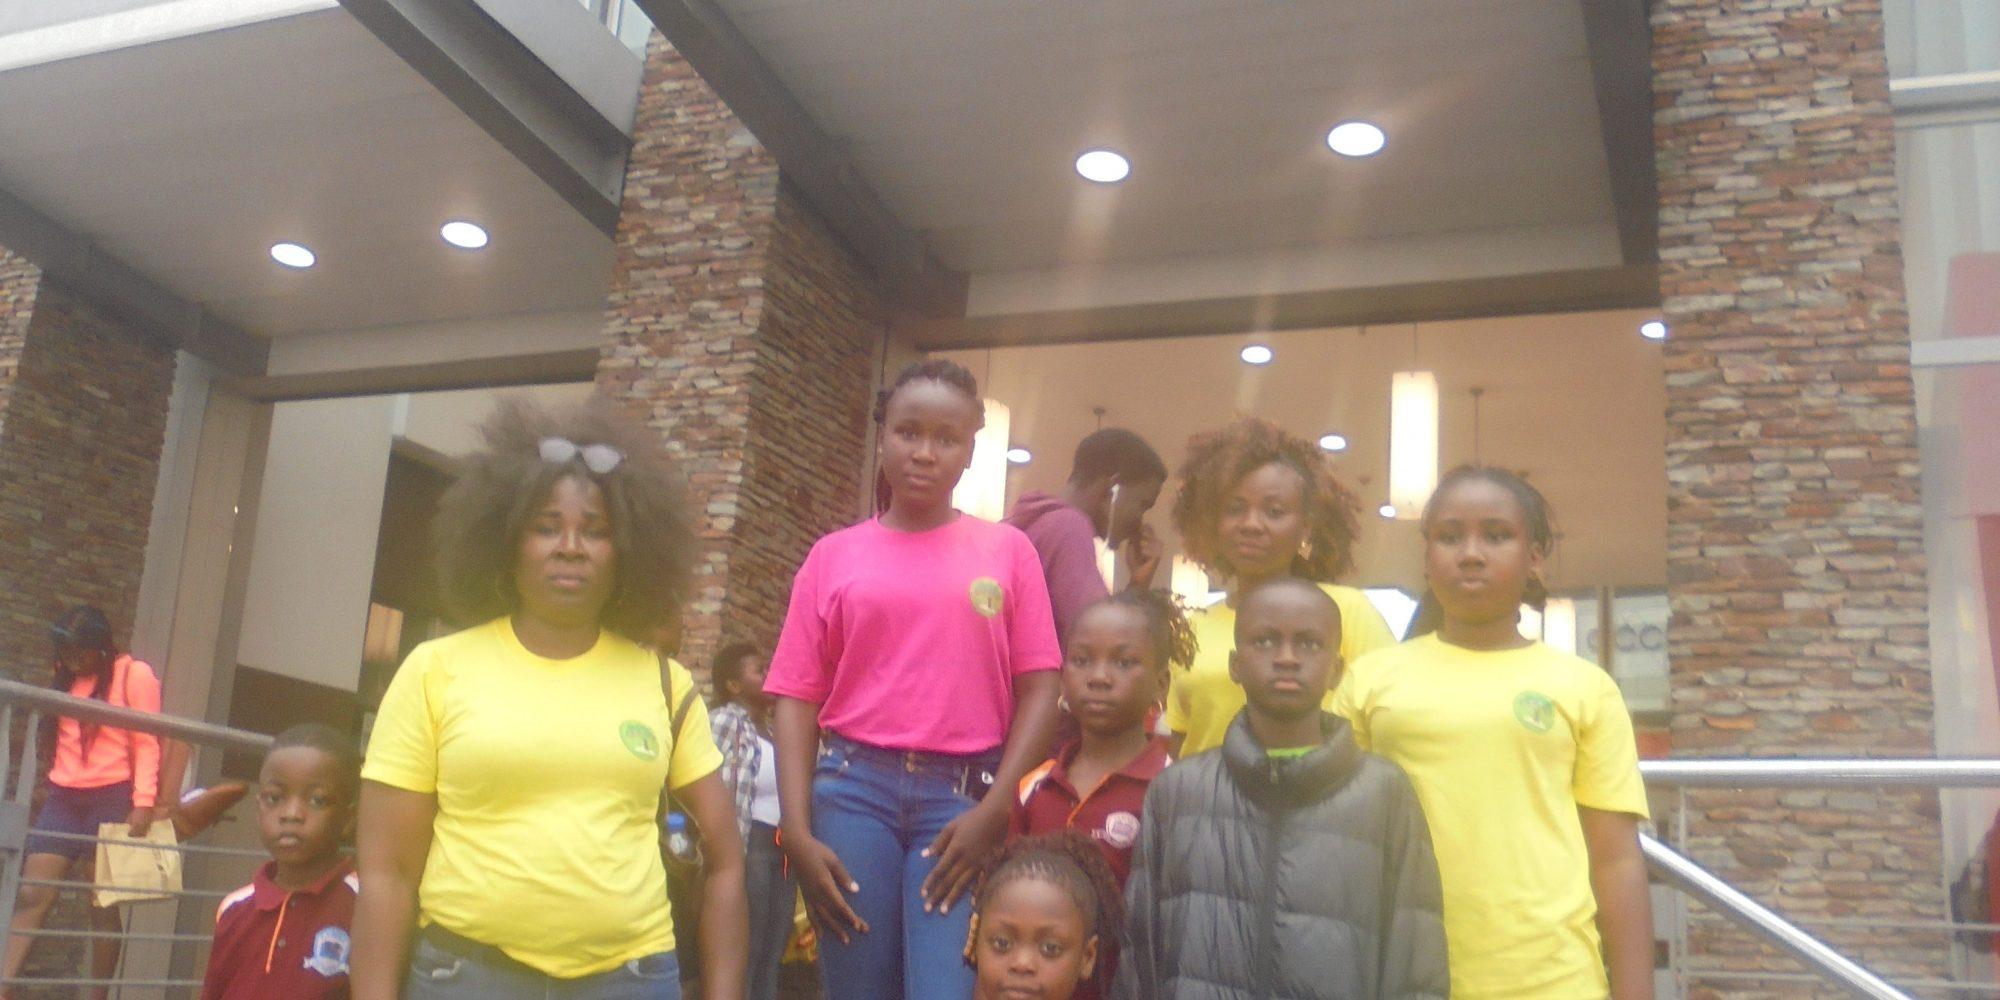 ACCRA MALL, ACCRA, GHANA